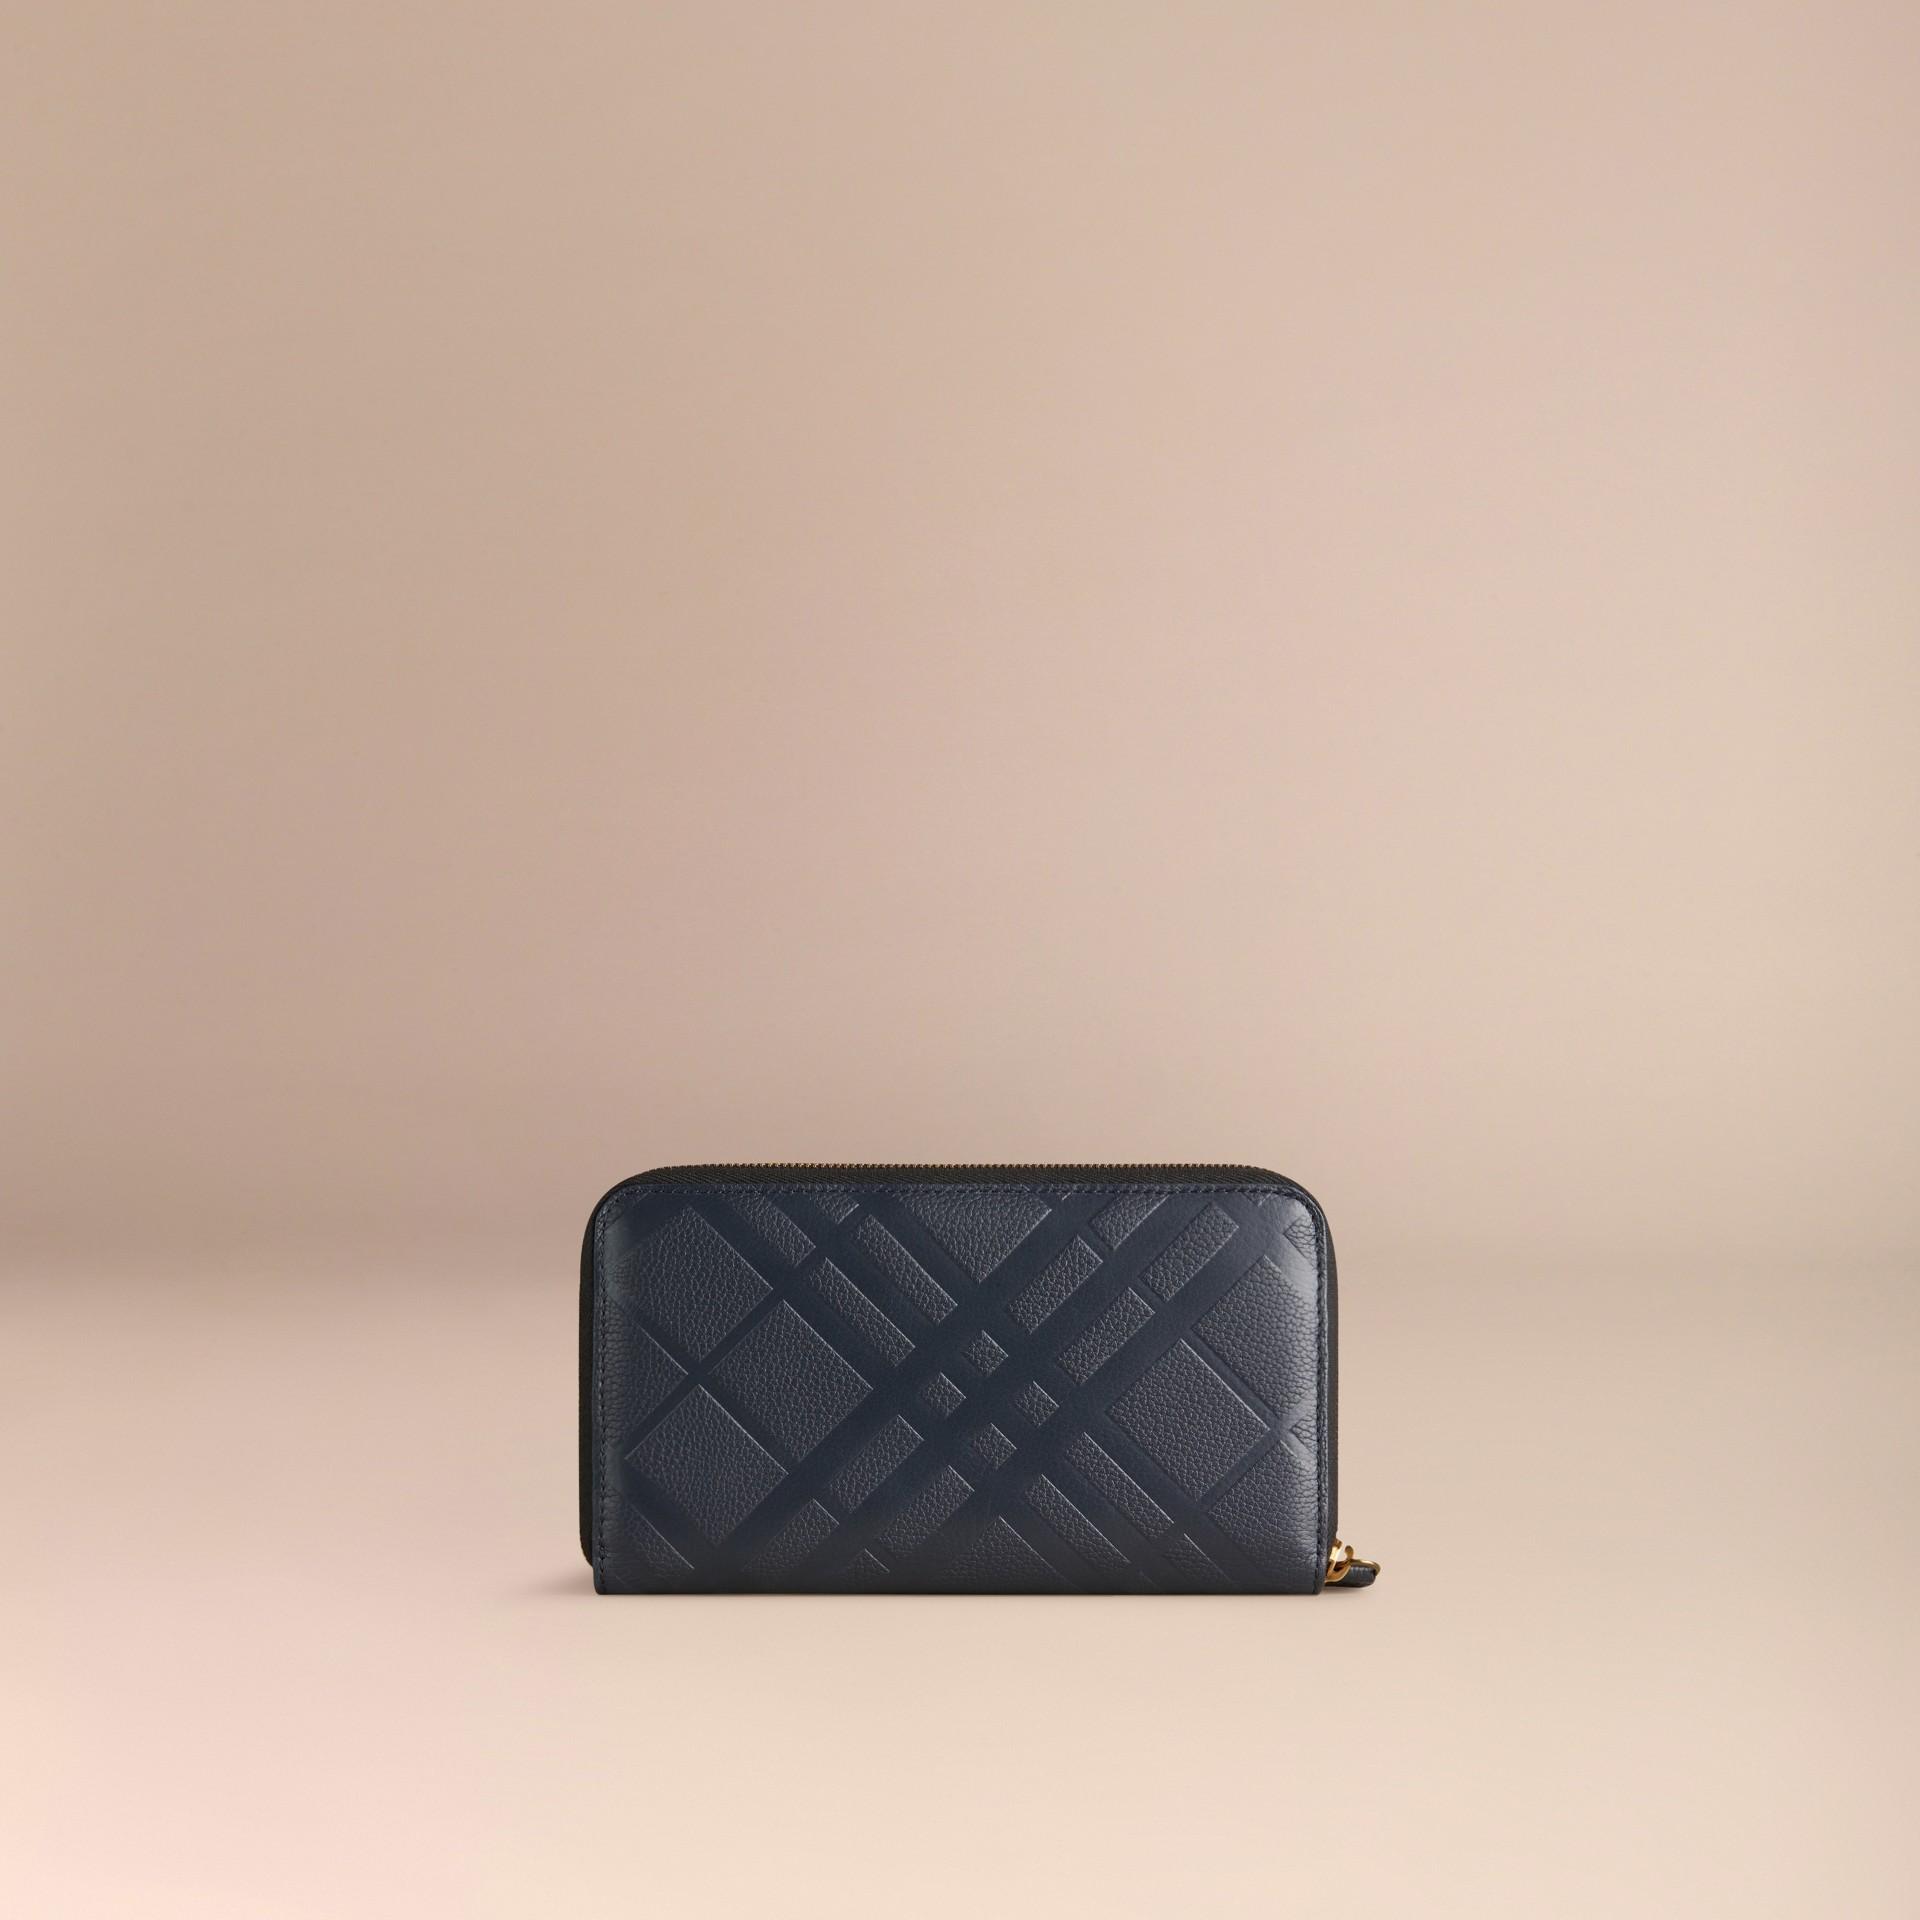 Dunkles zinnblau Check-geprägte Lederbrieftasche mit umlaufendem Reißverschluss Dunkles Zinnblau - Galerie-Bild 3